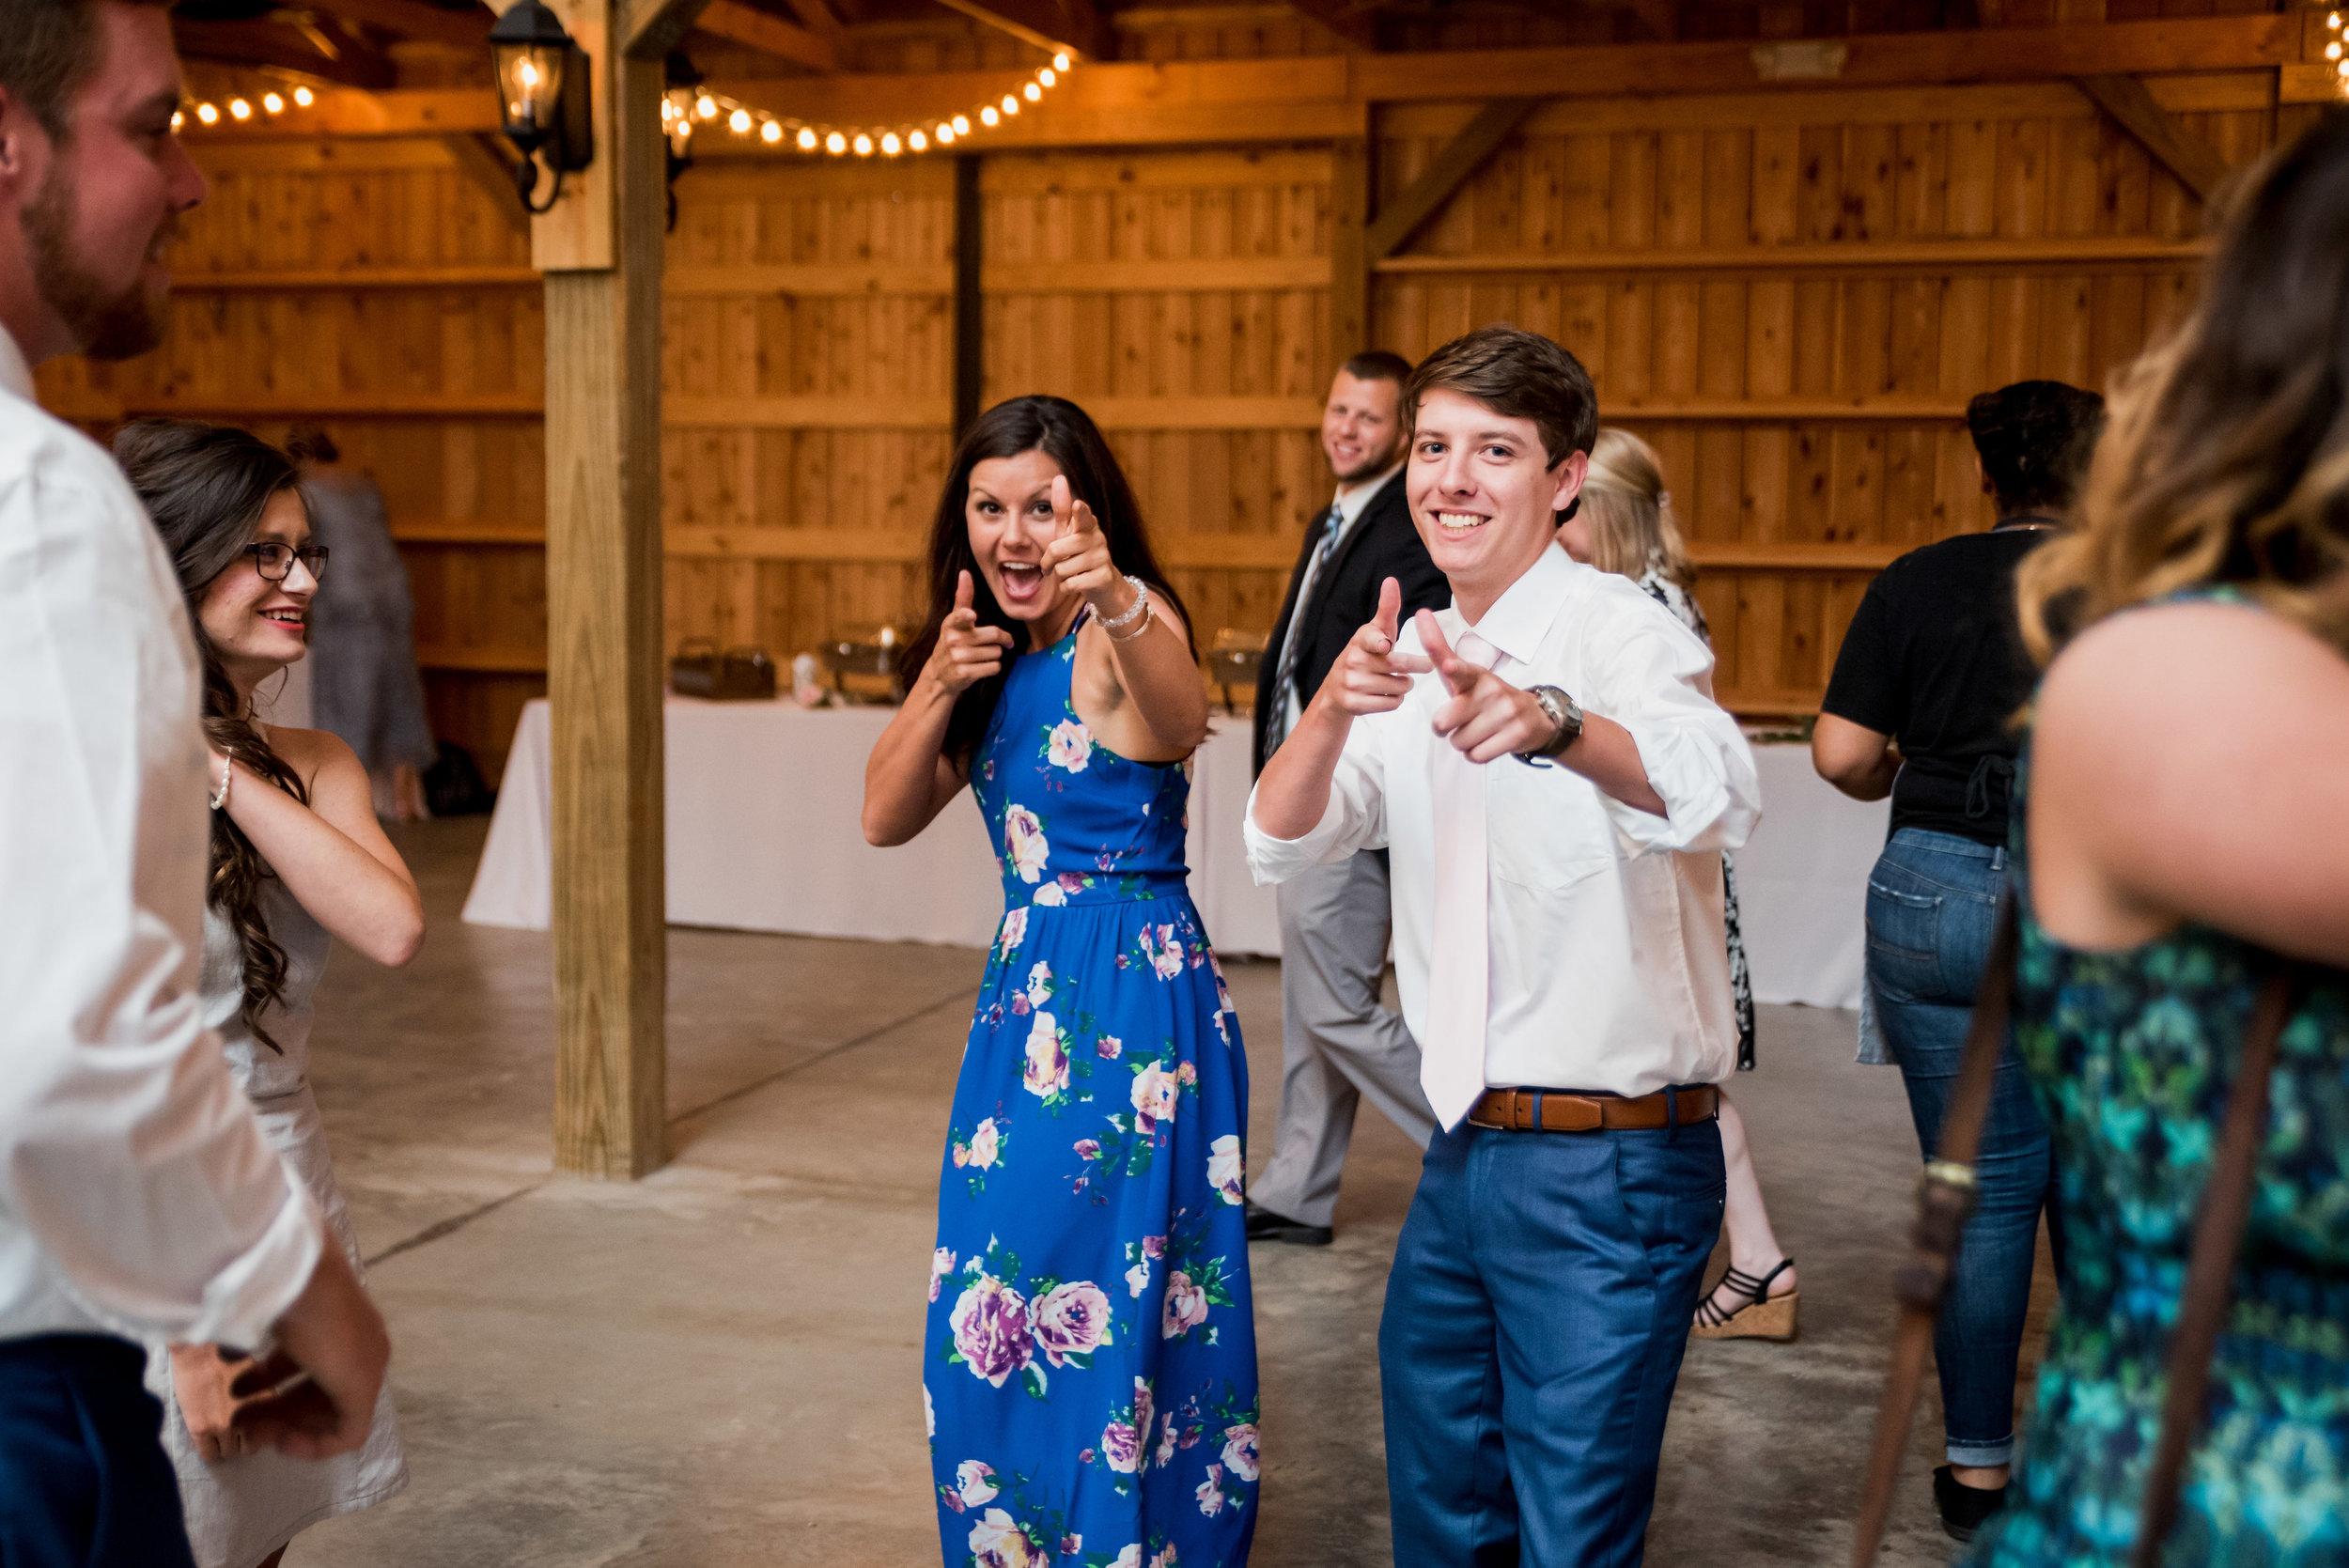 Saddlewood-Farms-Nashville-Wedding-Photographers-691.jpg